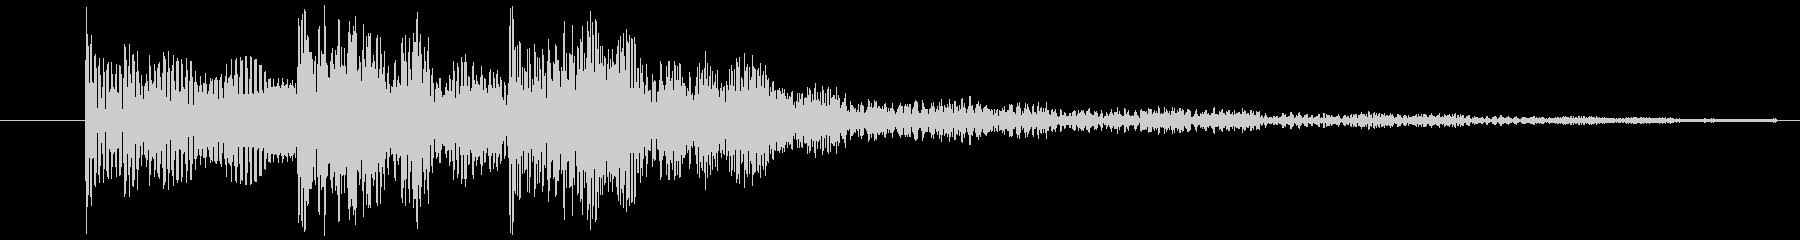 ゲームの決定音(2)ですの未再生の波形